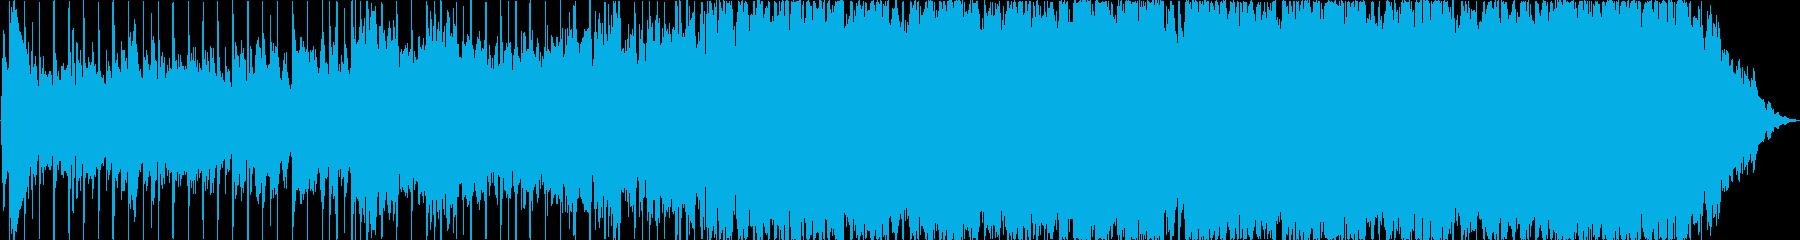 ハロウィーンやその他の不気味なアプ...の再生済みの波形